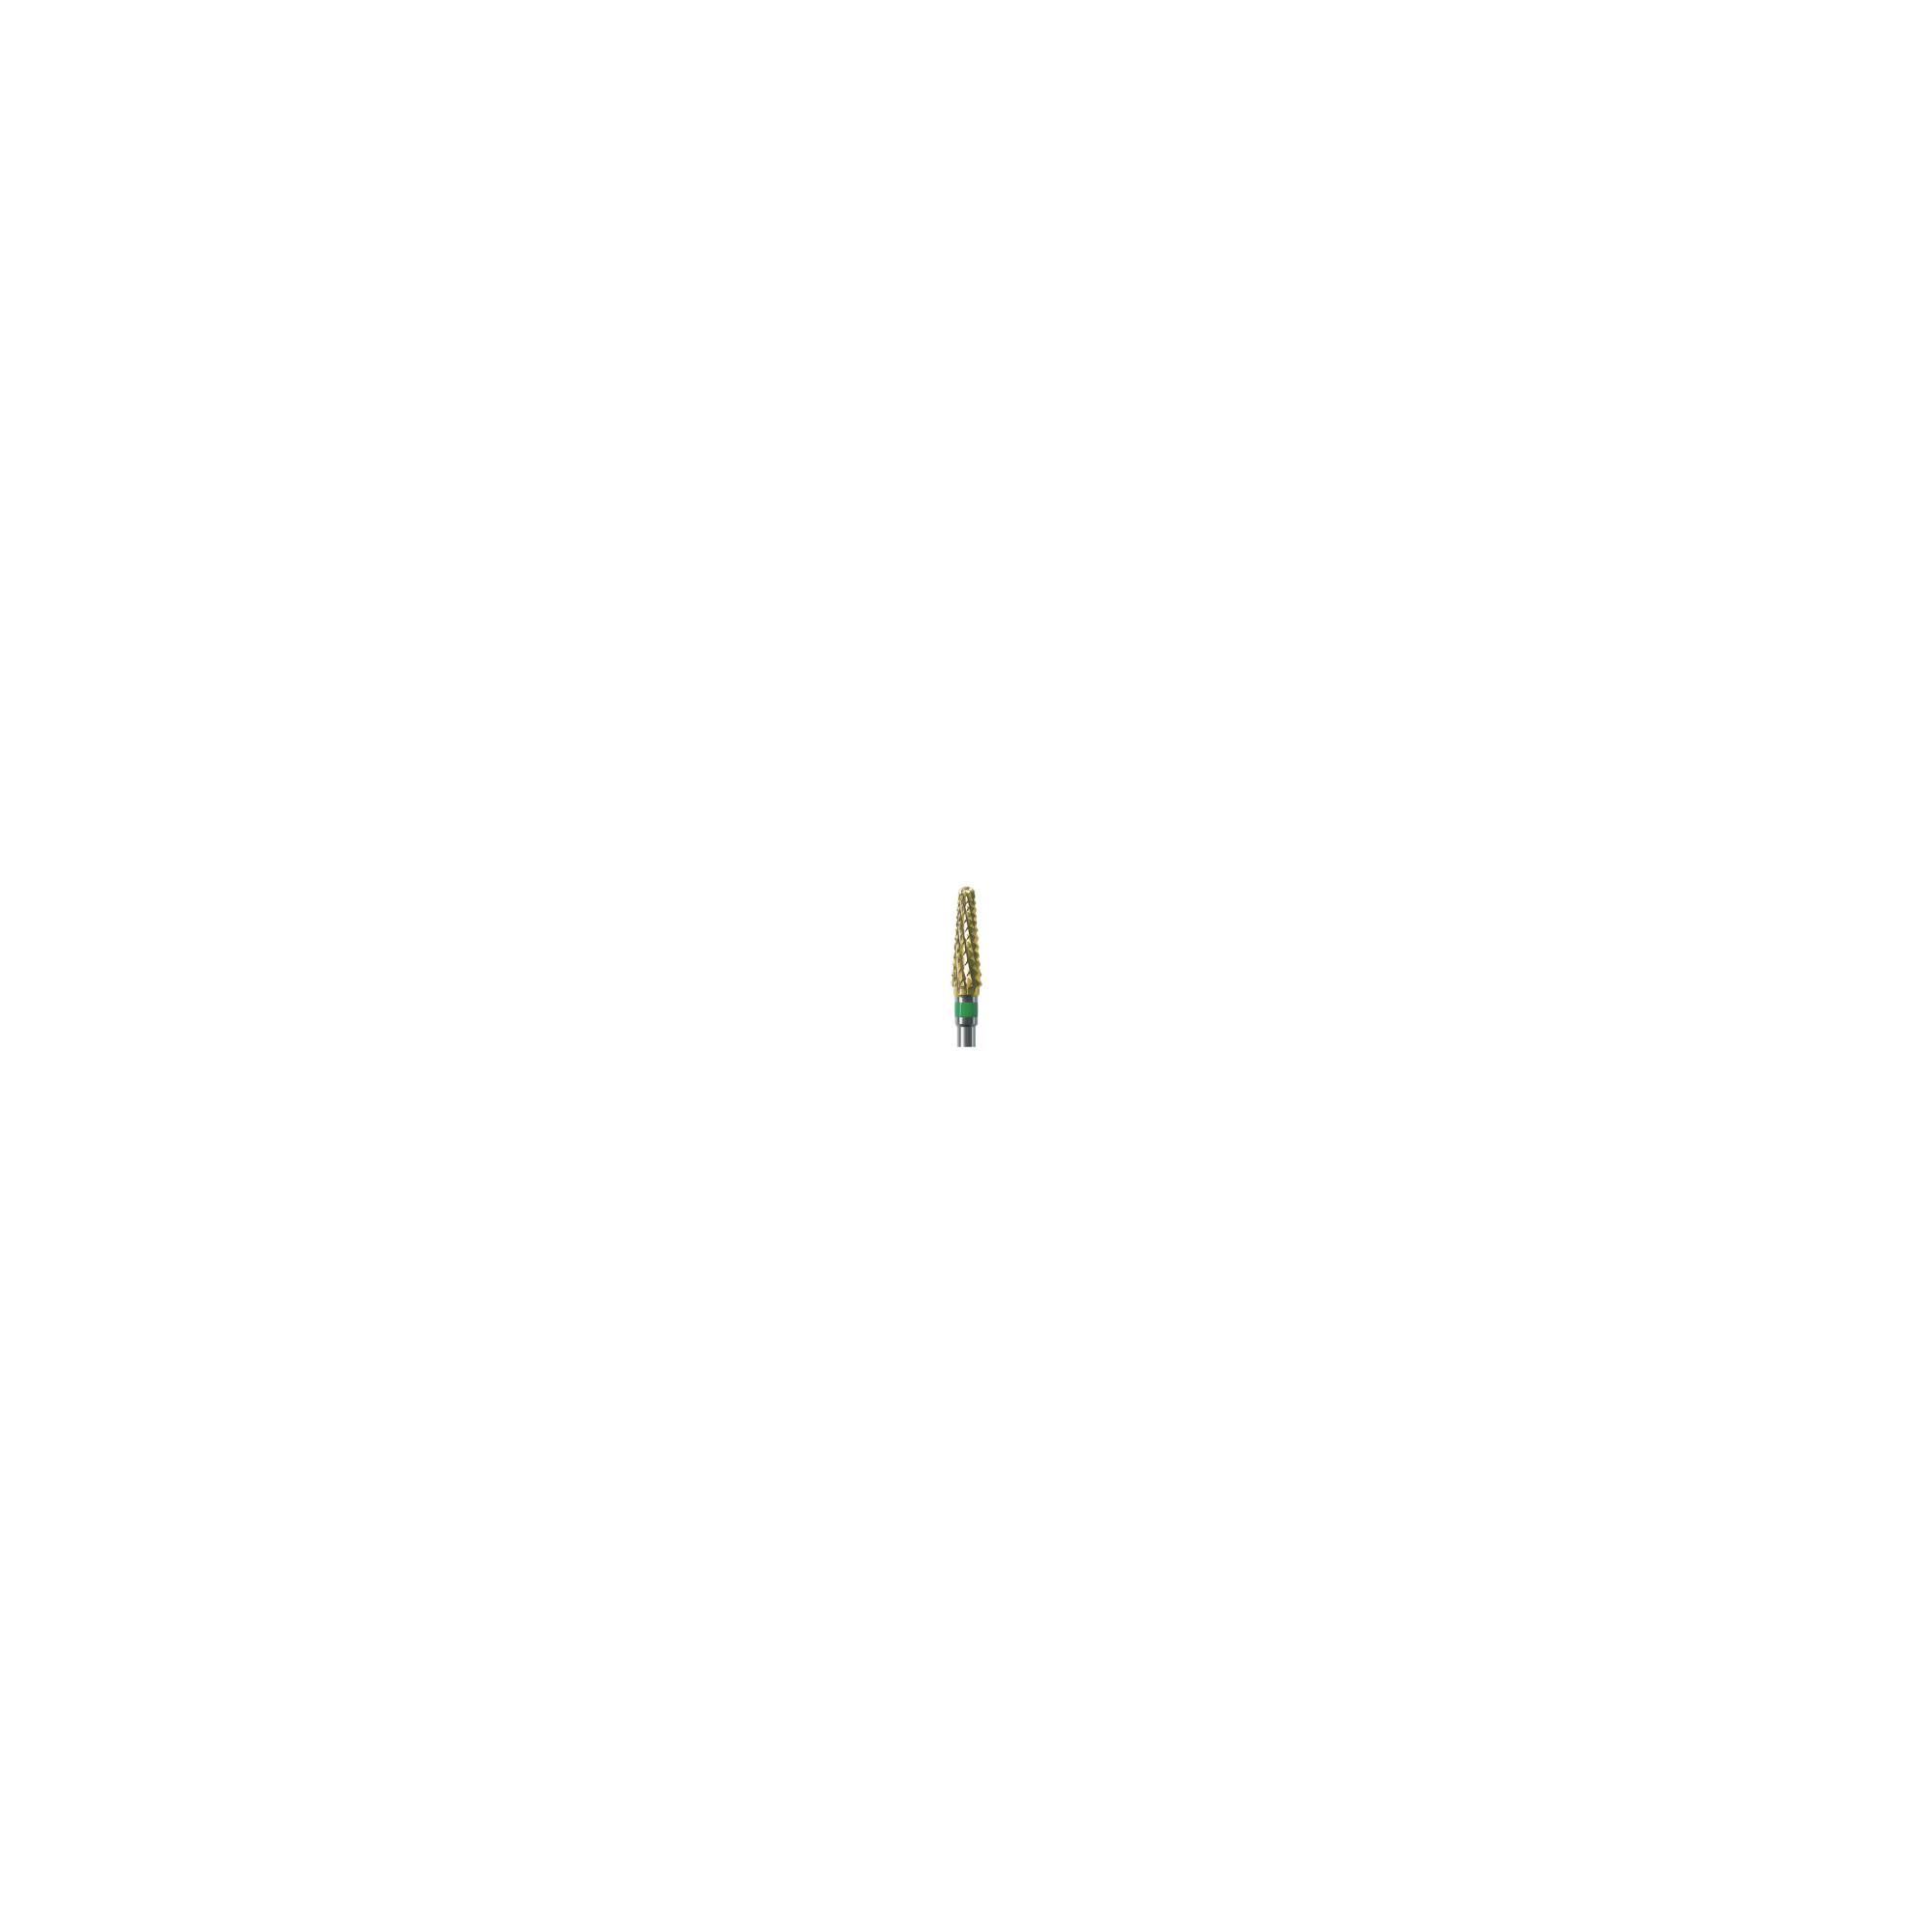 Fraise 5646 - Carbure de tungstène - Denture croisée grosse - 4 mm